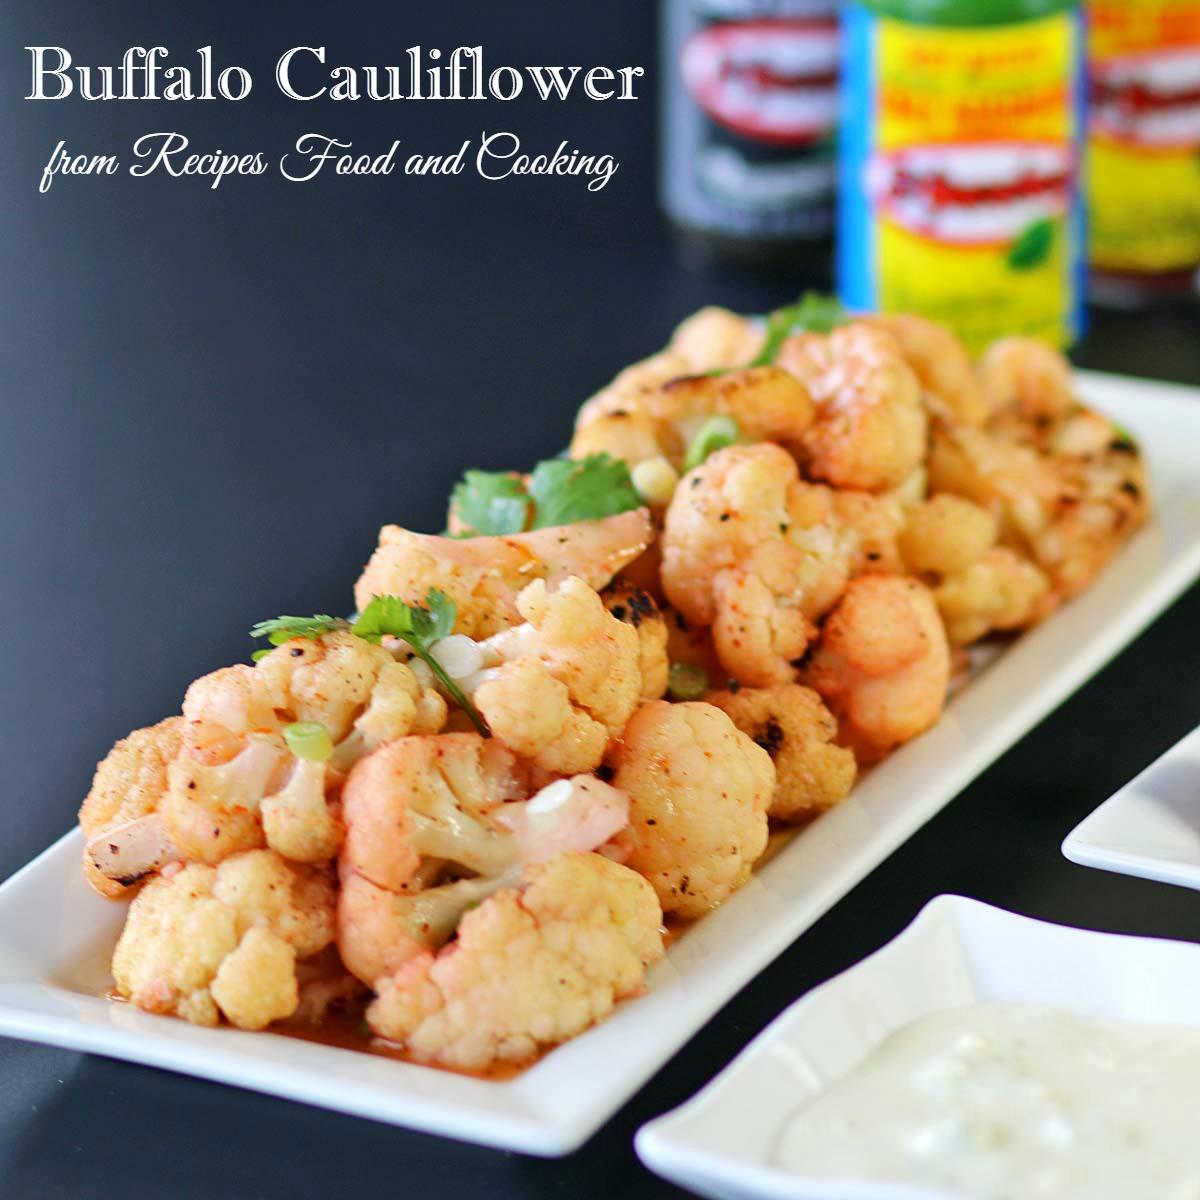 Buffalo Cauliflower and Hot Wings